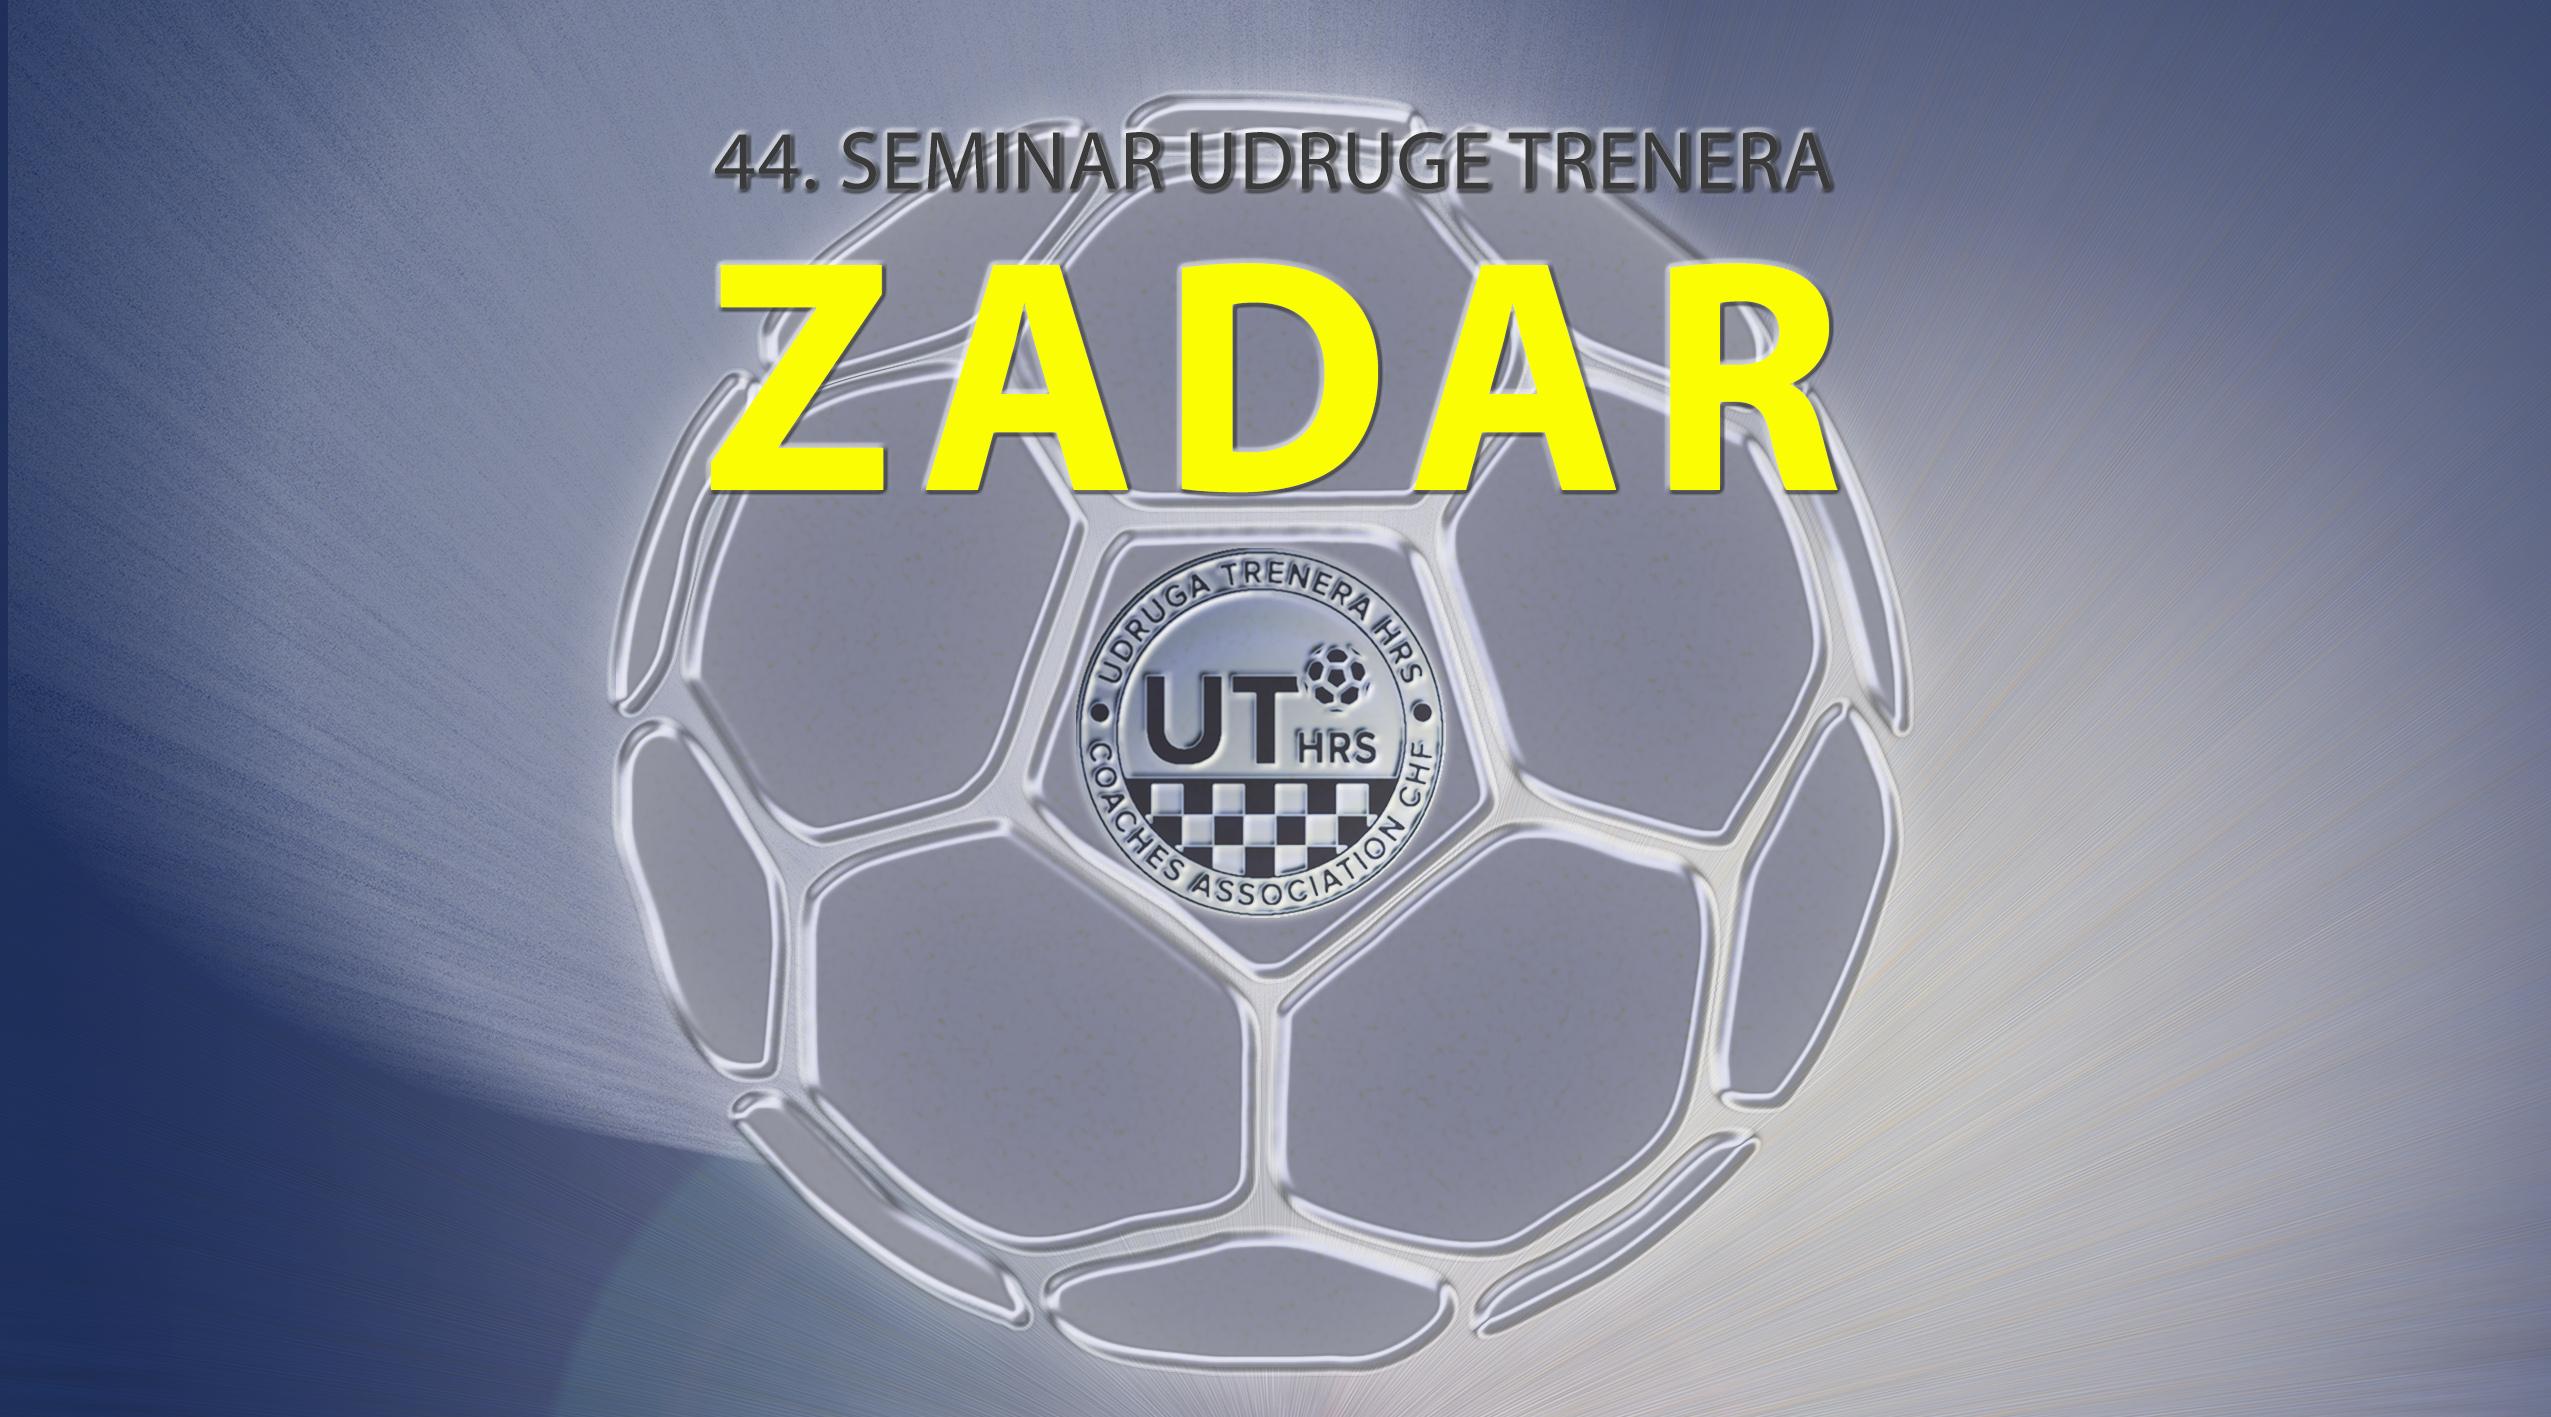 44. Središnji seminar trenera HRS- a održati će se od 4. do 6. rujna 2020. u Zadru